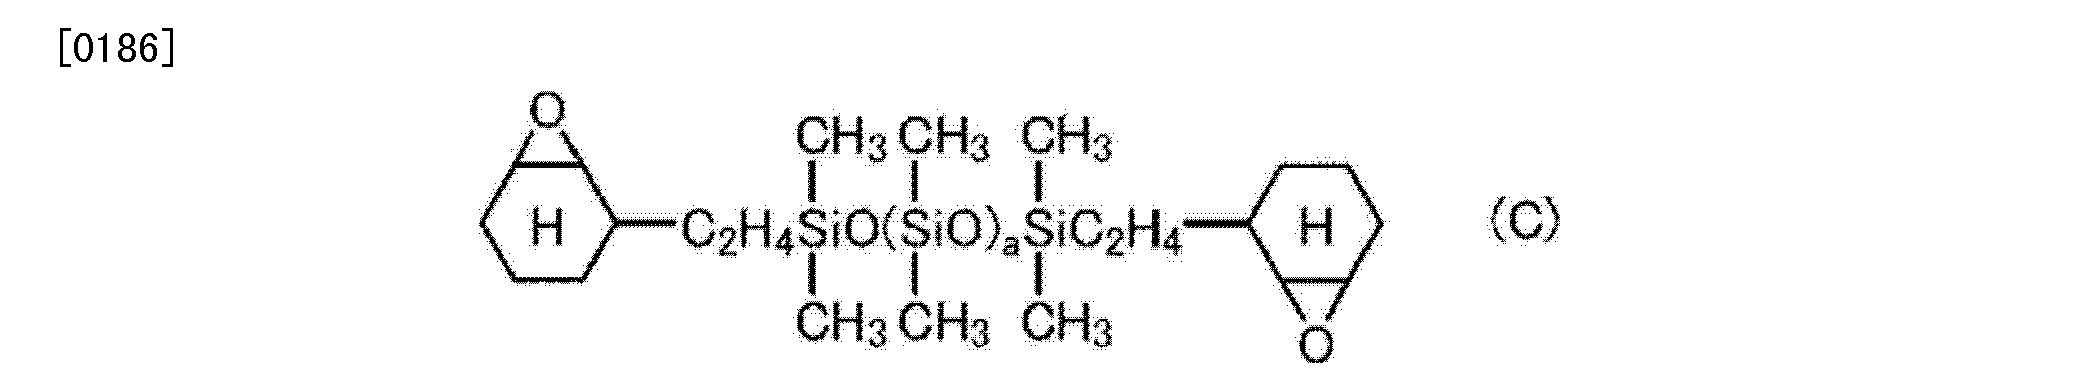 Figure CN102666655BD00232